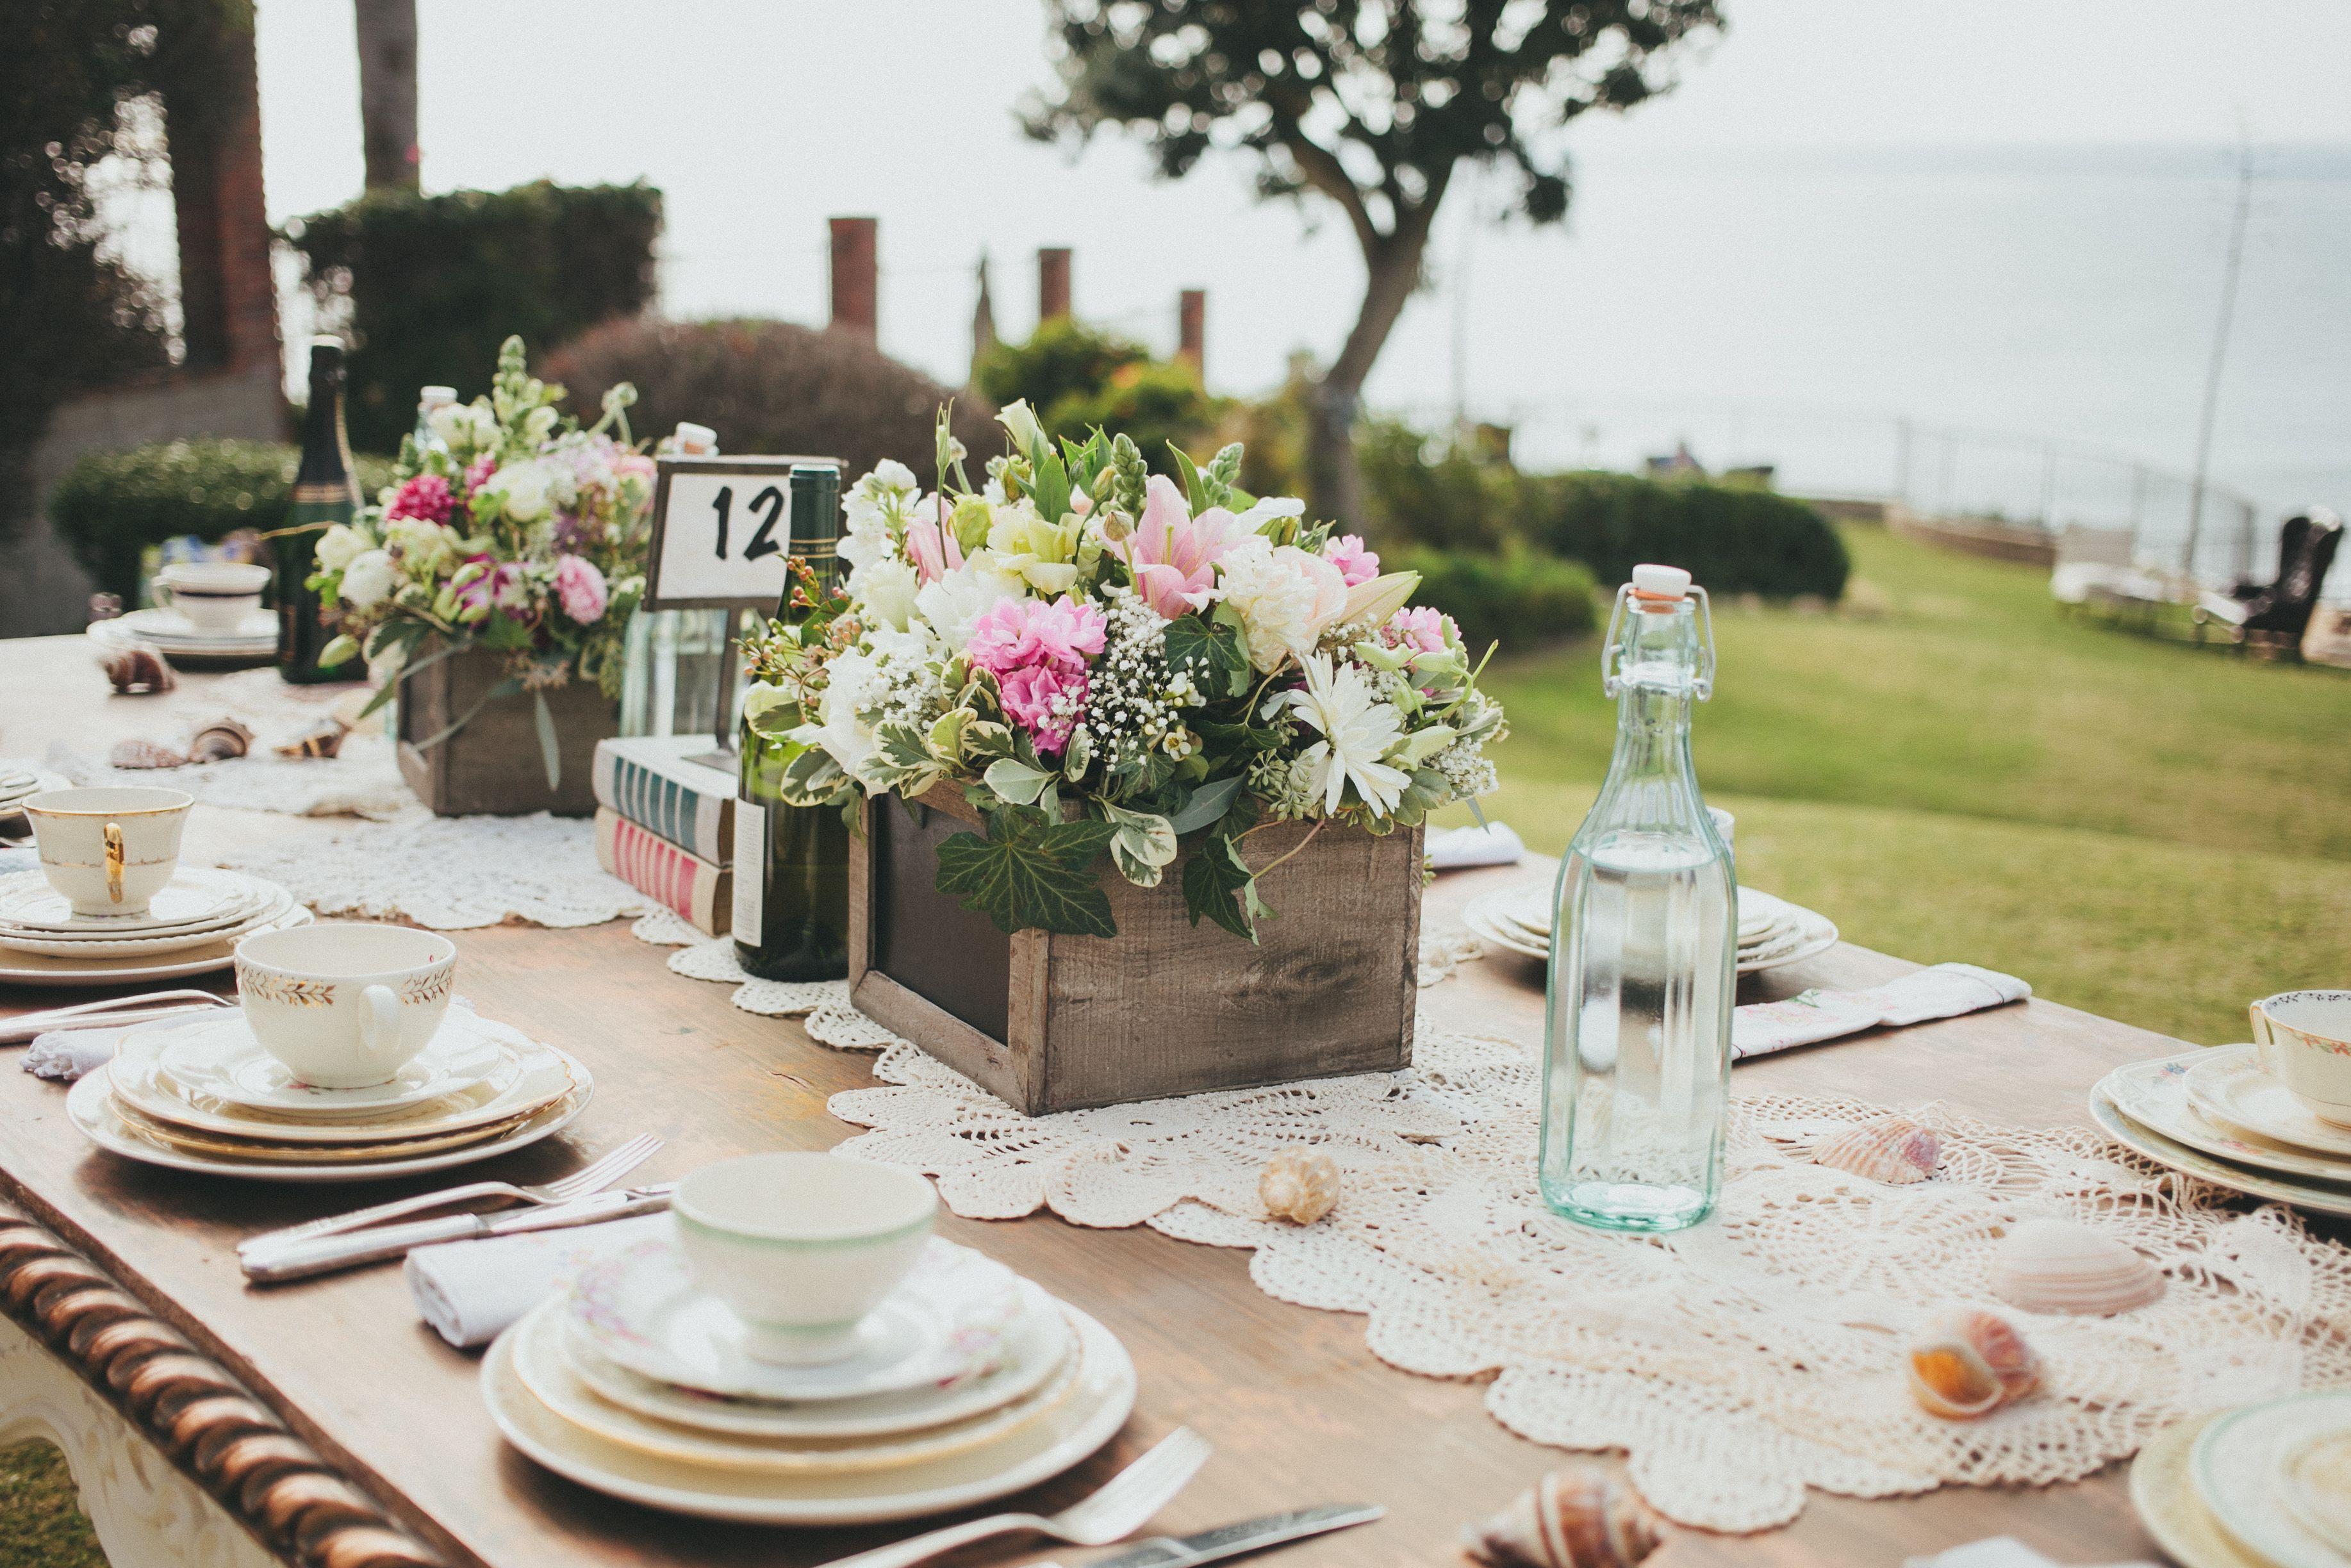 Vintage dishes for a beach wedding. dishwishla.com